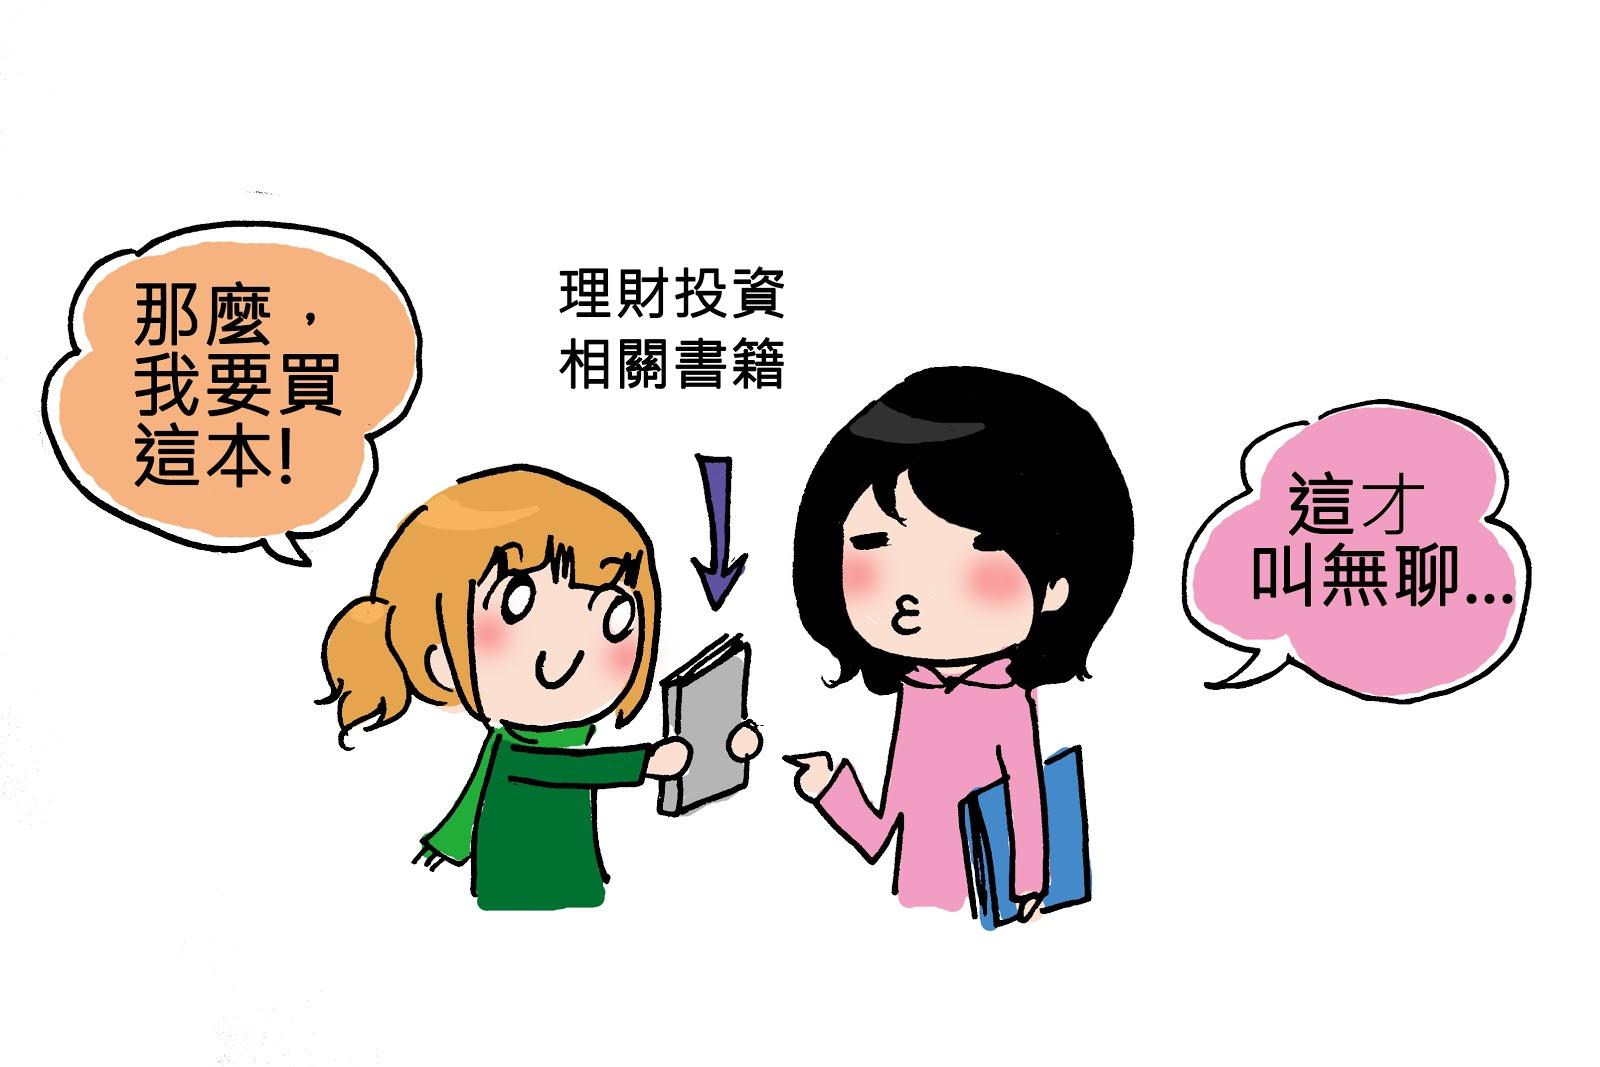 [ 編輯小姐 Yuli 的繪圖日記 ]: 逛舊書店必執行的突襲檢查!